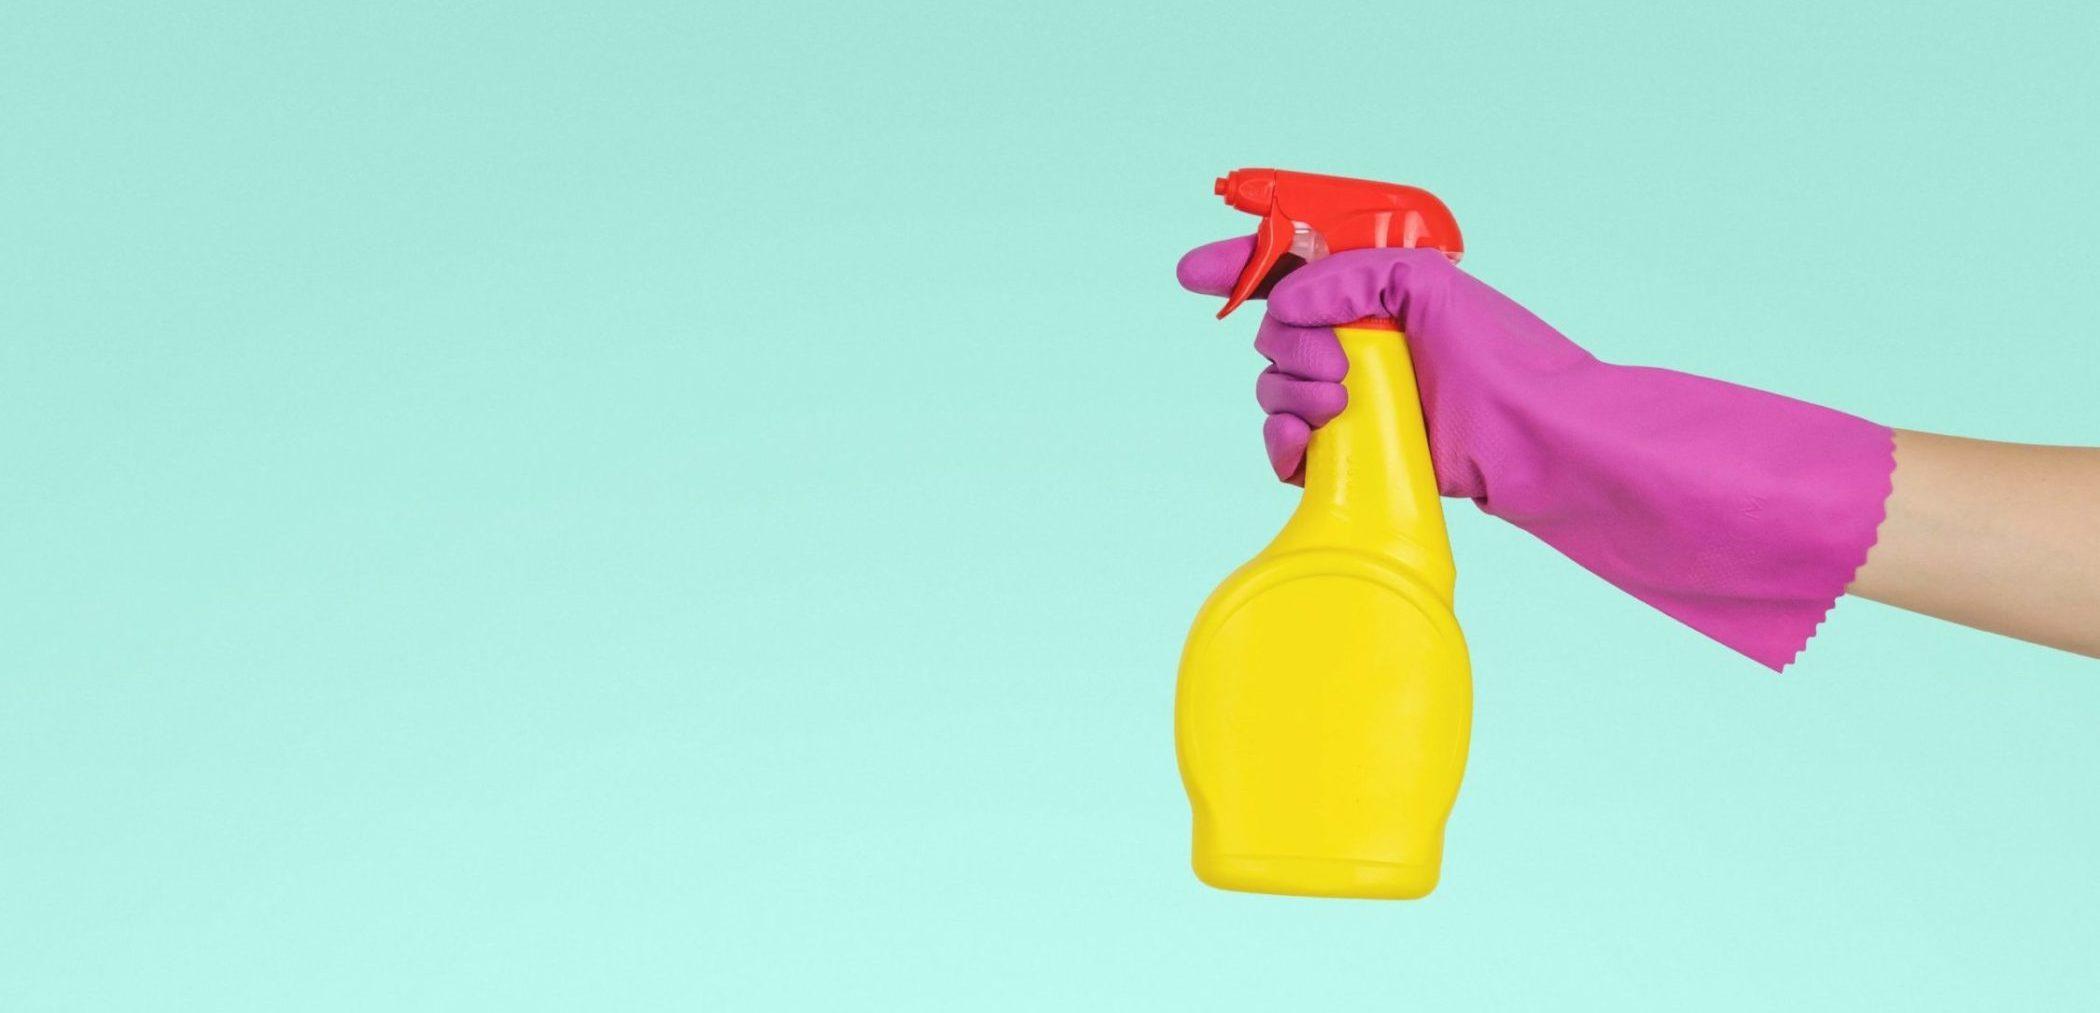 producto limpieza para coronavirus covid-19